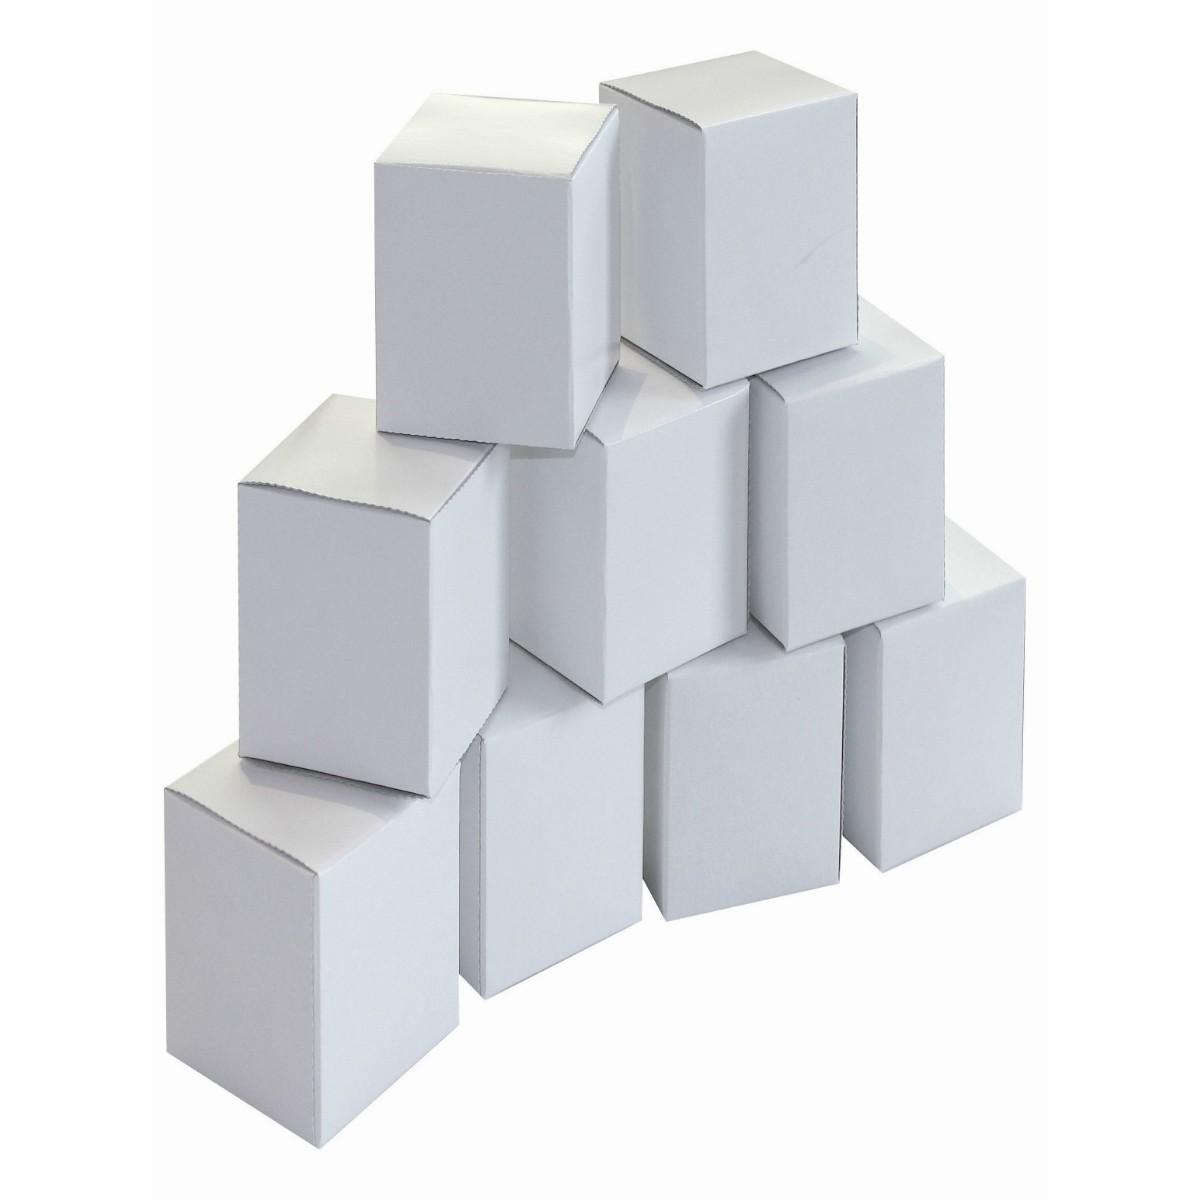 20 Blanko Geschenkschachteln Würfelboxen 6x6xH12,5cm Karton weiß zum Bemalen